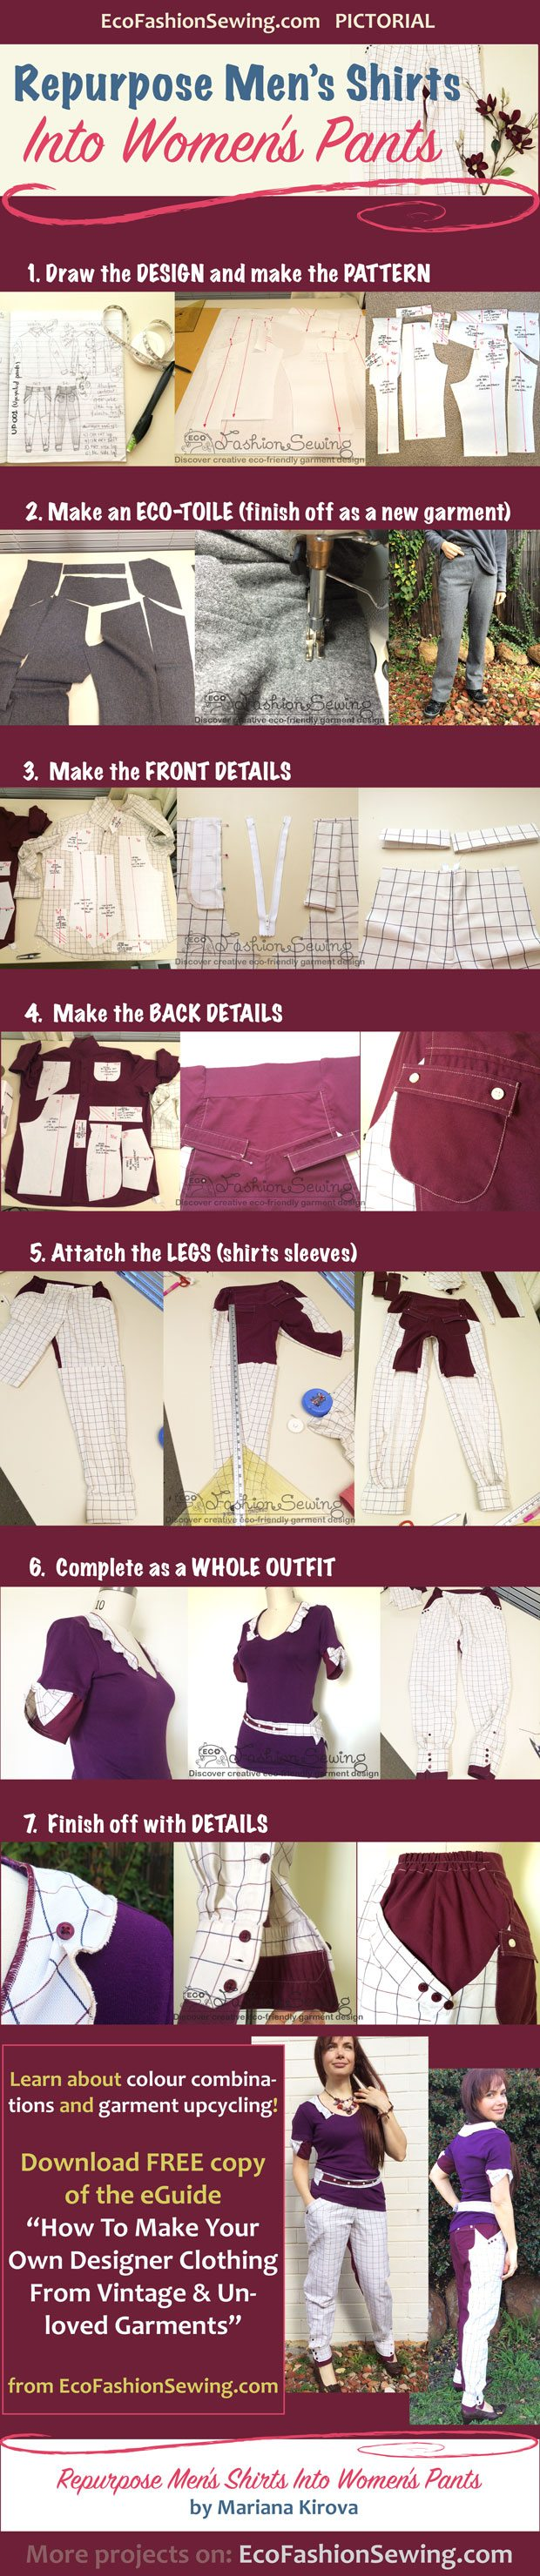 Repurpose-Mens-shirts-into-womens-pants